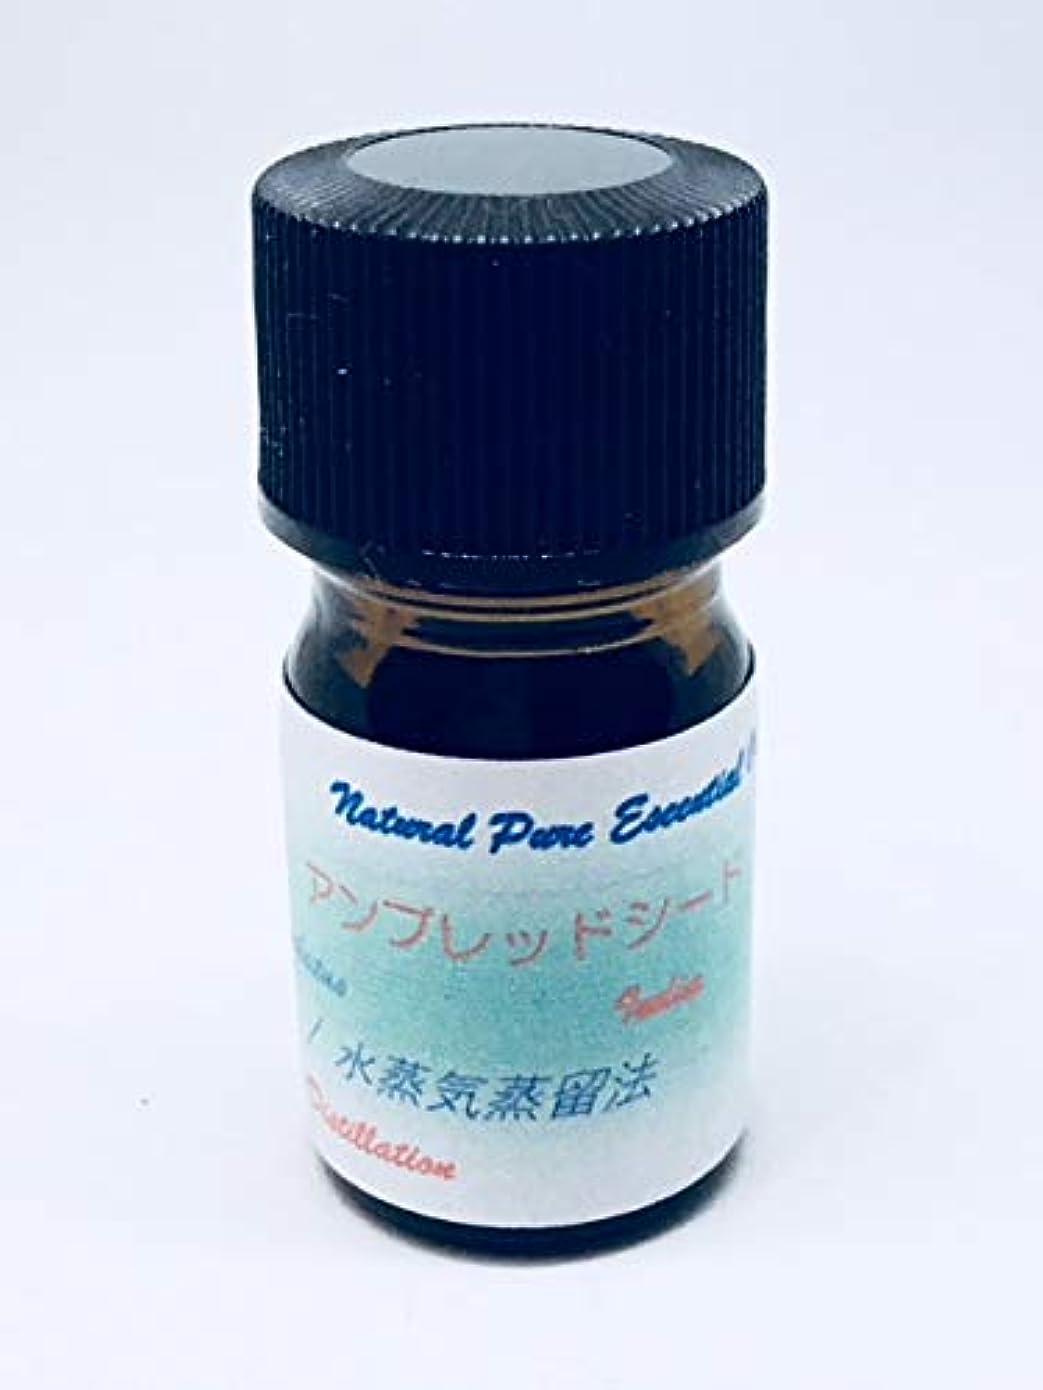 アンブレッドシード(植物性ムスク)精油 10ml100%ピュアエッセンシャル